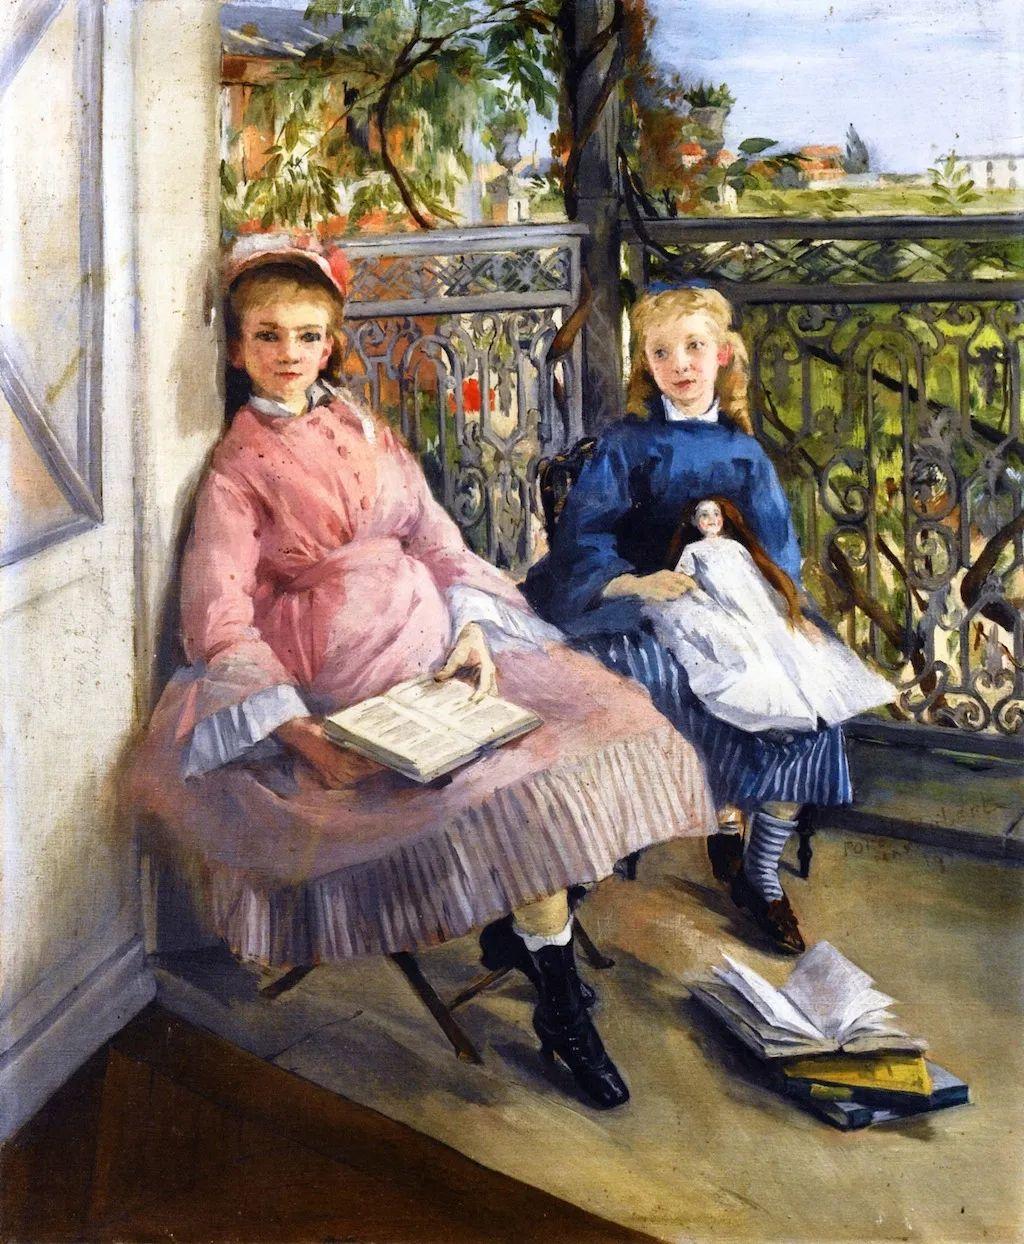 伊娃·冈萨雷斯,19世纪法国印象派女画家插图17